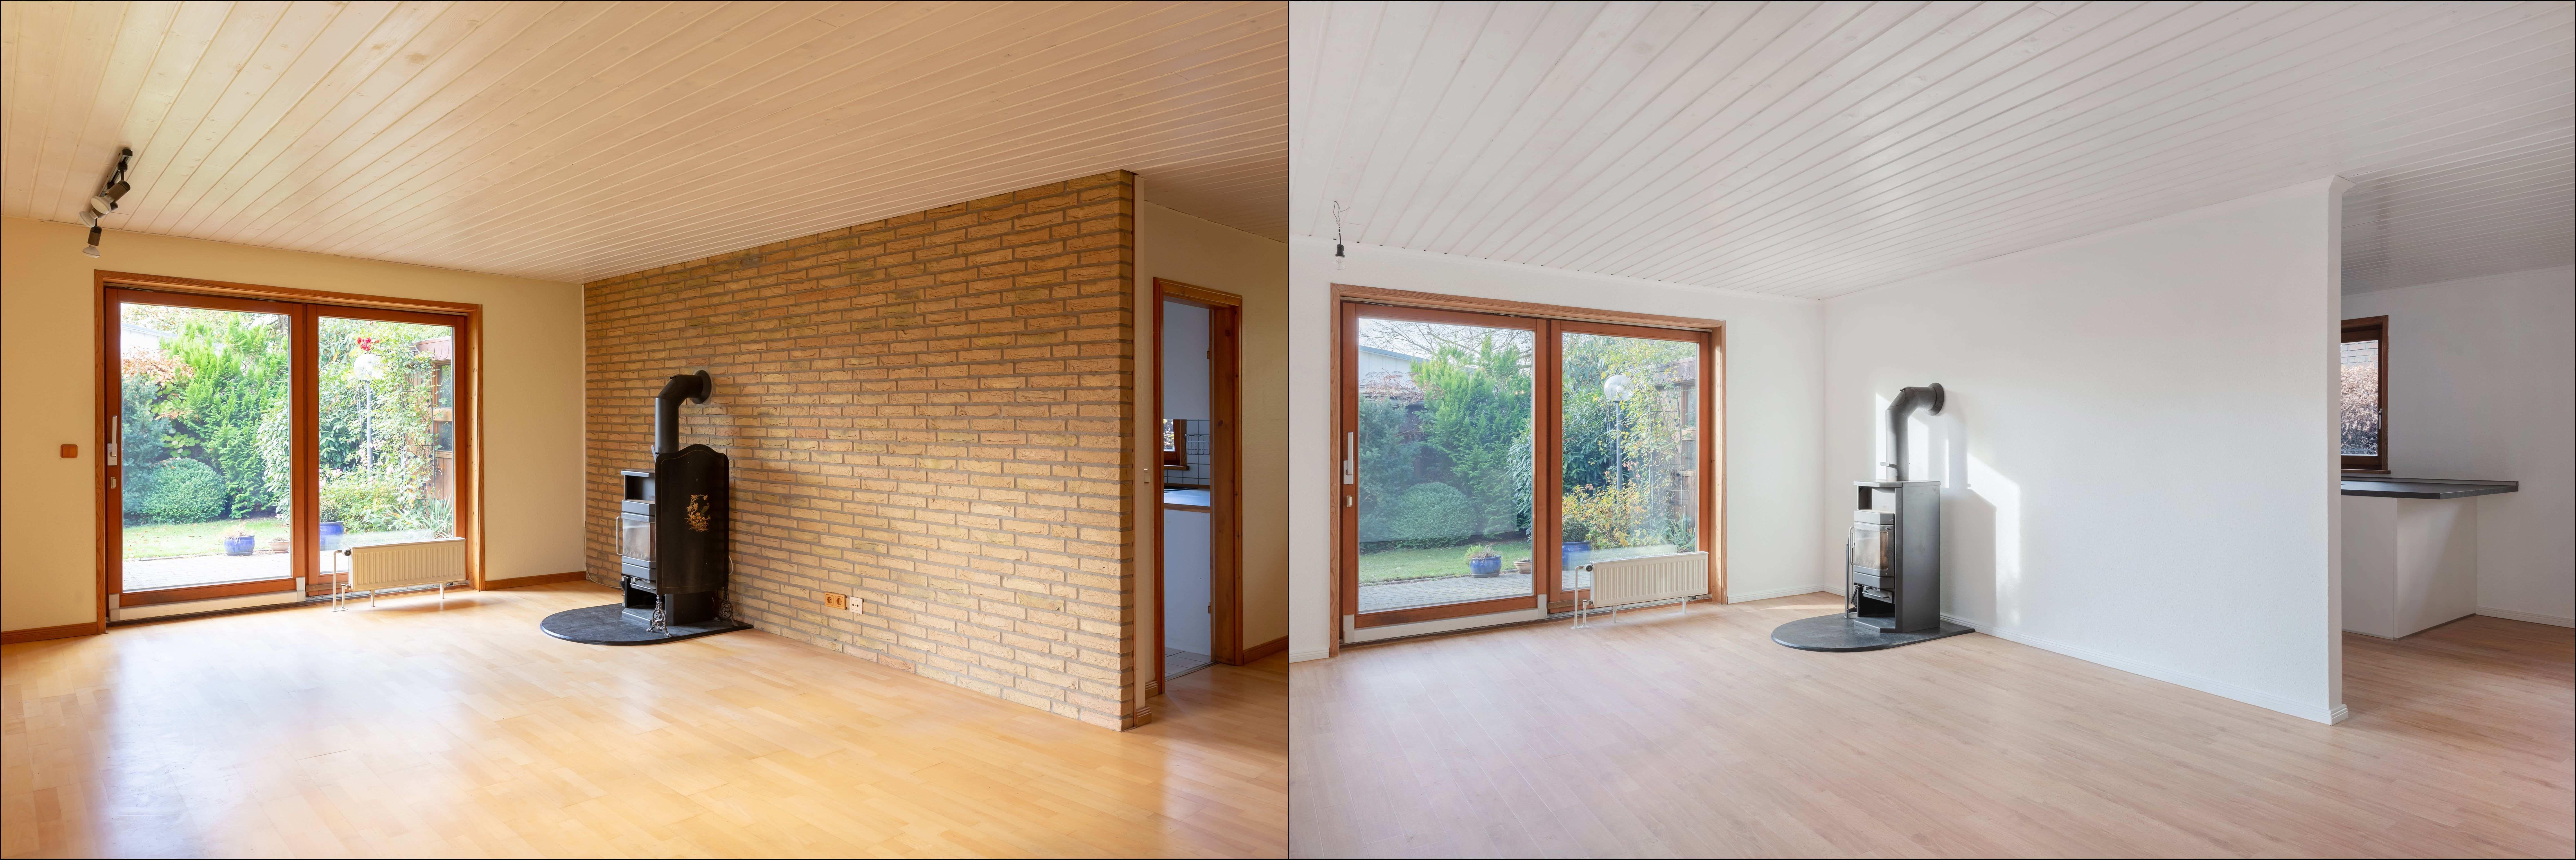 OWNR Leasingimmobilien - Renovierung: Neue Frische für Dein ...